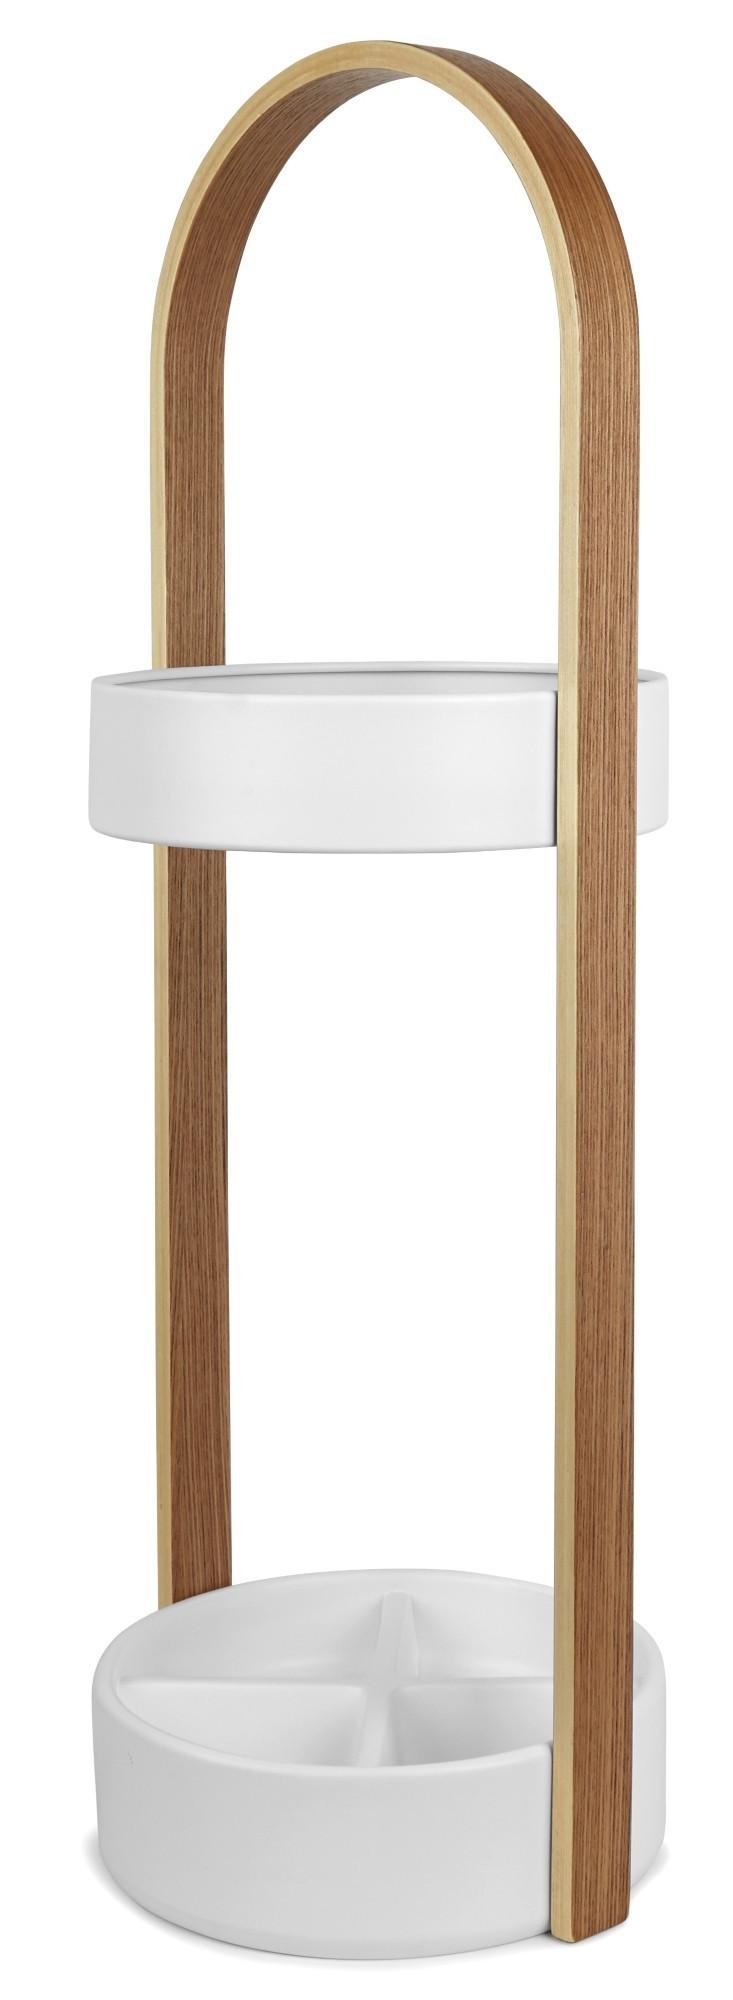 Hub Umbrella Stand Schirmständer Umbra-weiss / natur